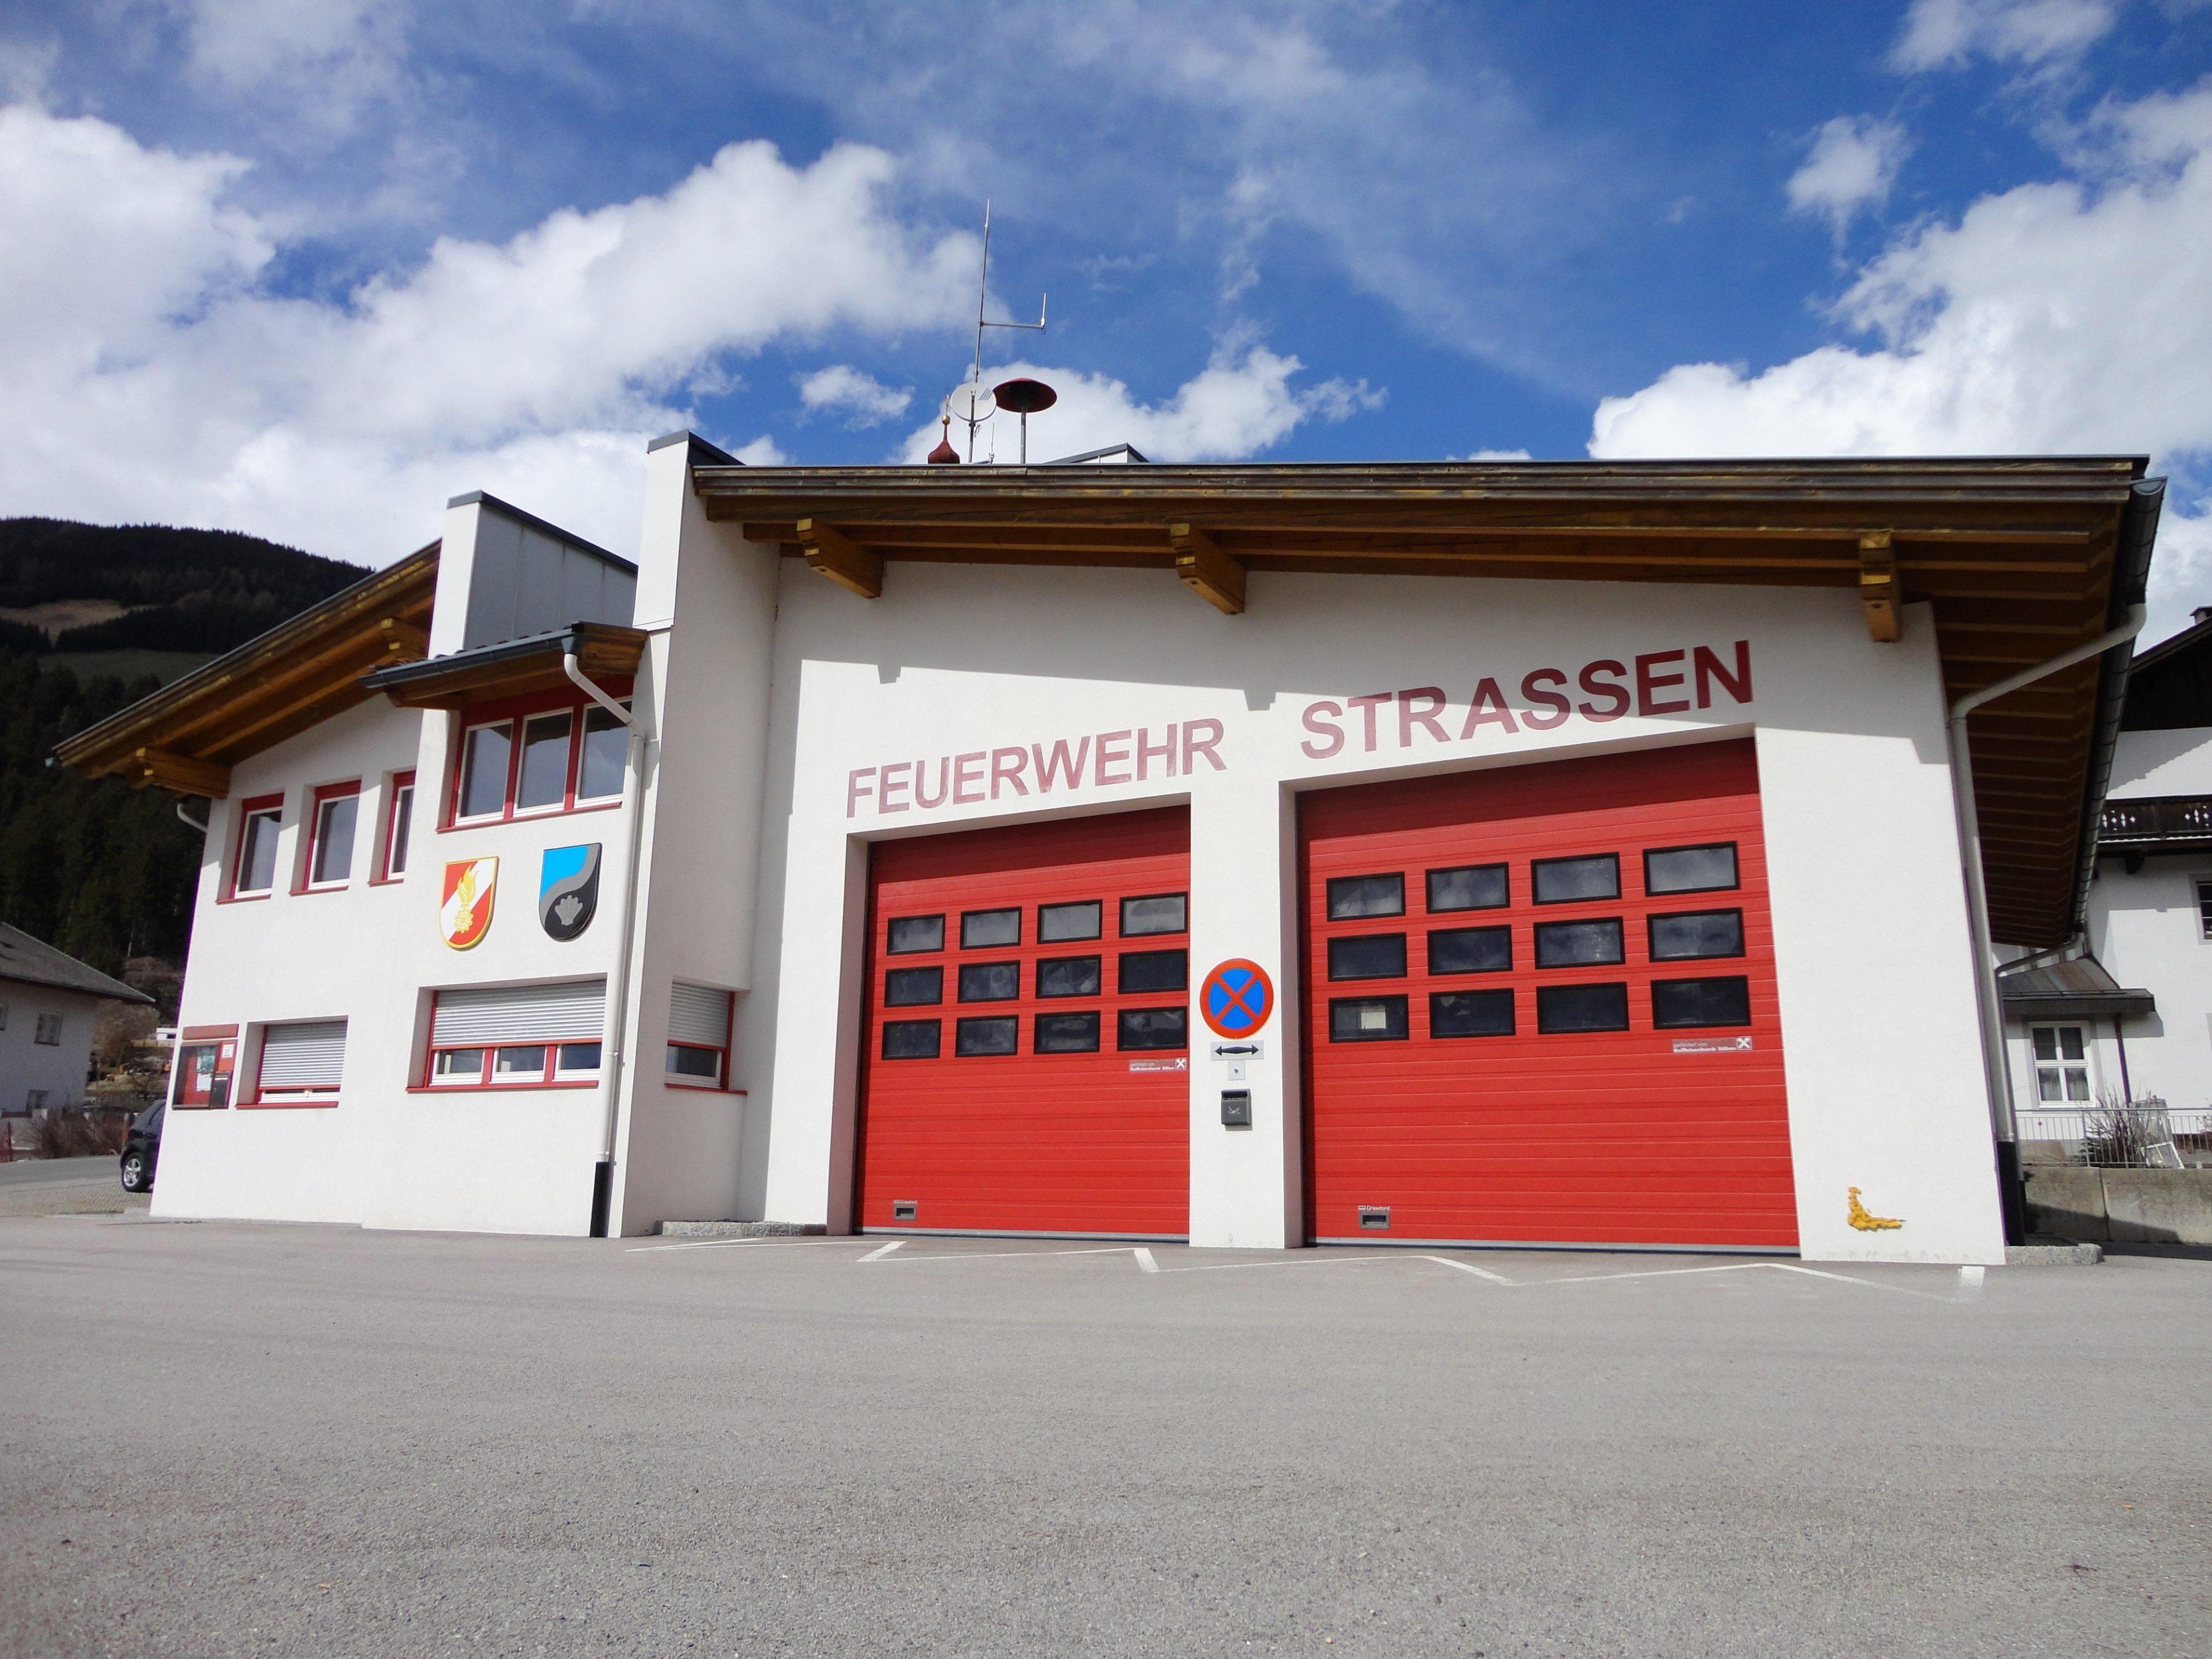 Gerätehaus Feuerwehr Strassen